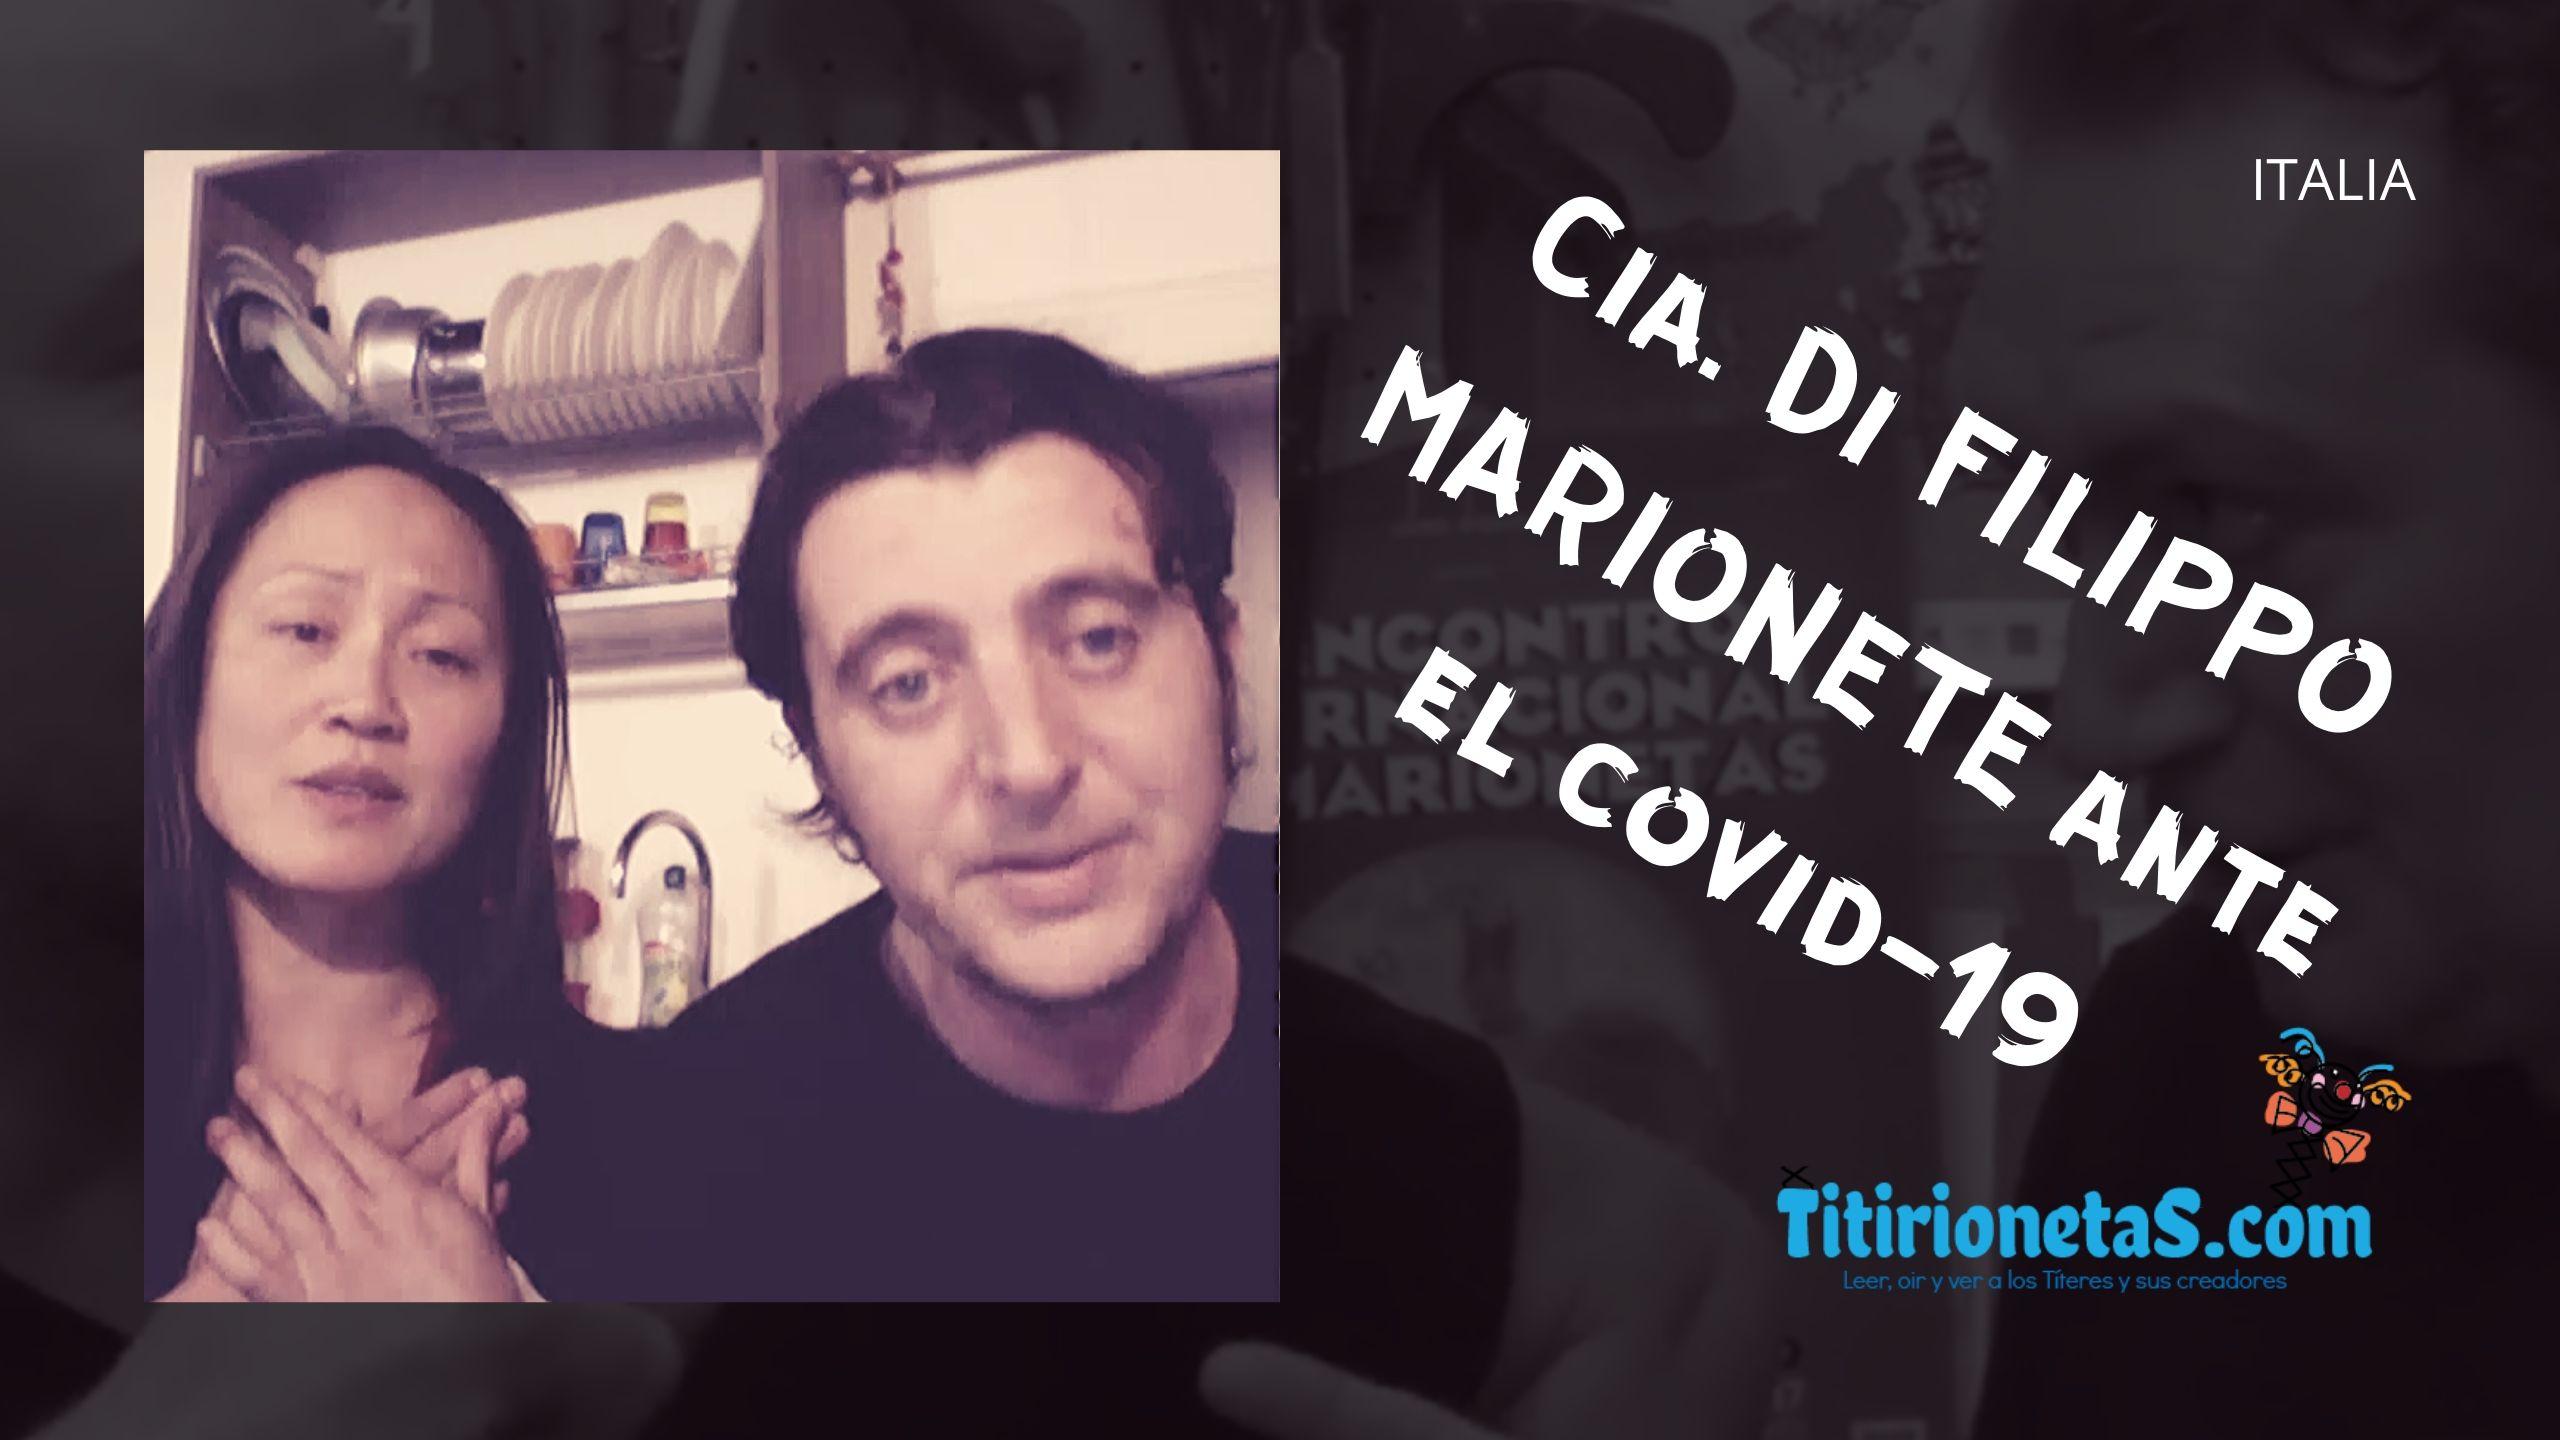 Di Filippo Marionete (Italia) ante el COVID-19